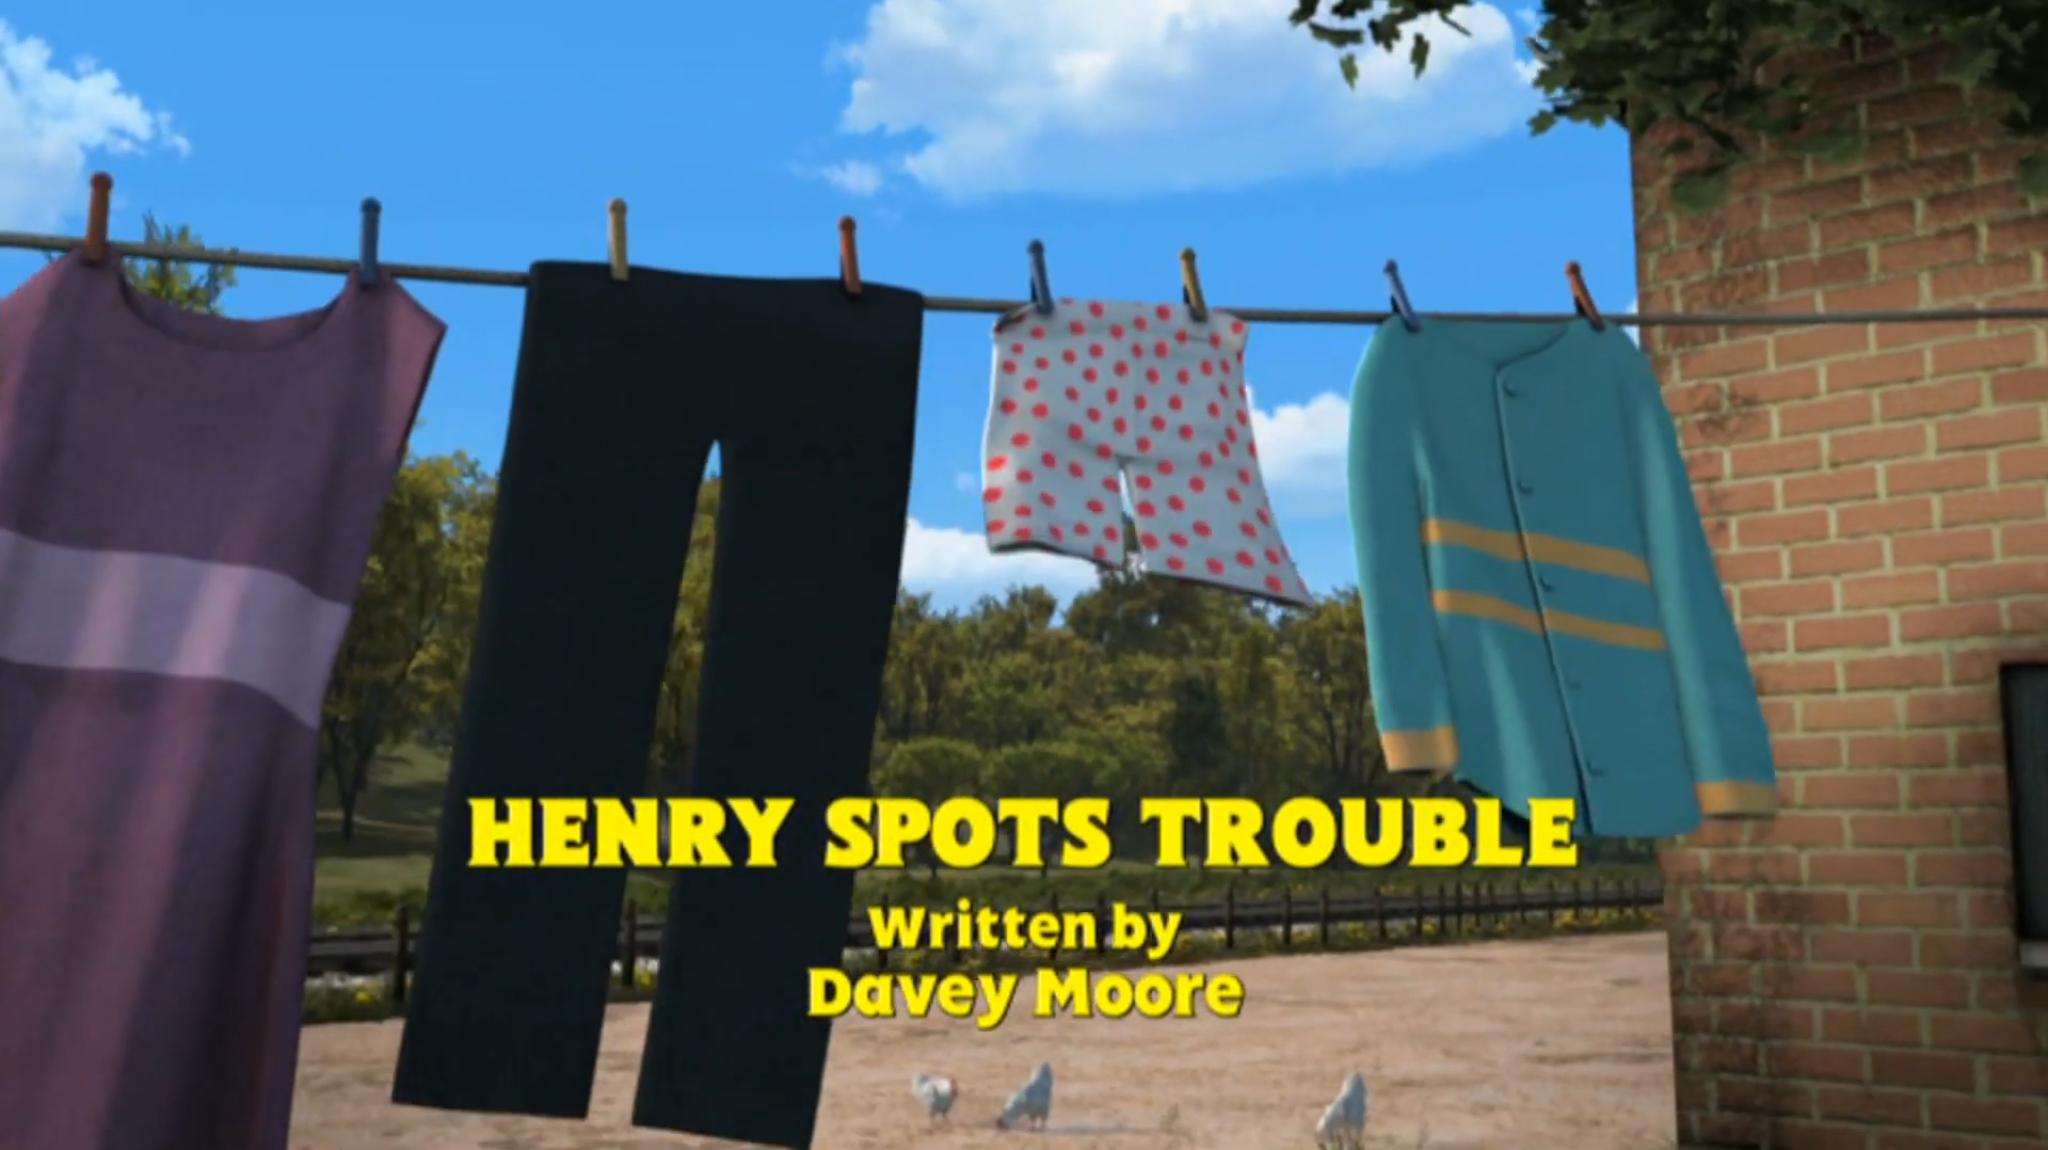 Henry Spots Trouble/Gallery